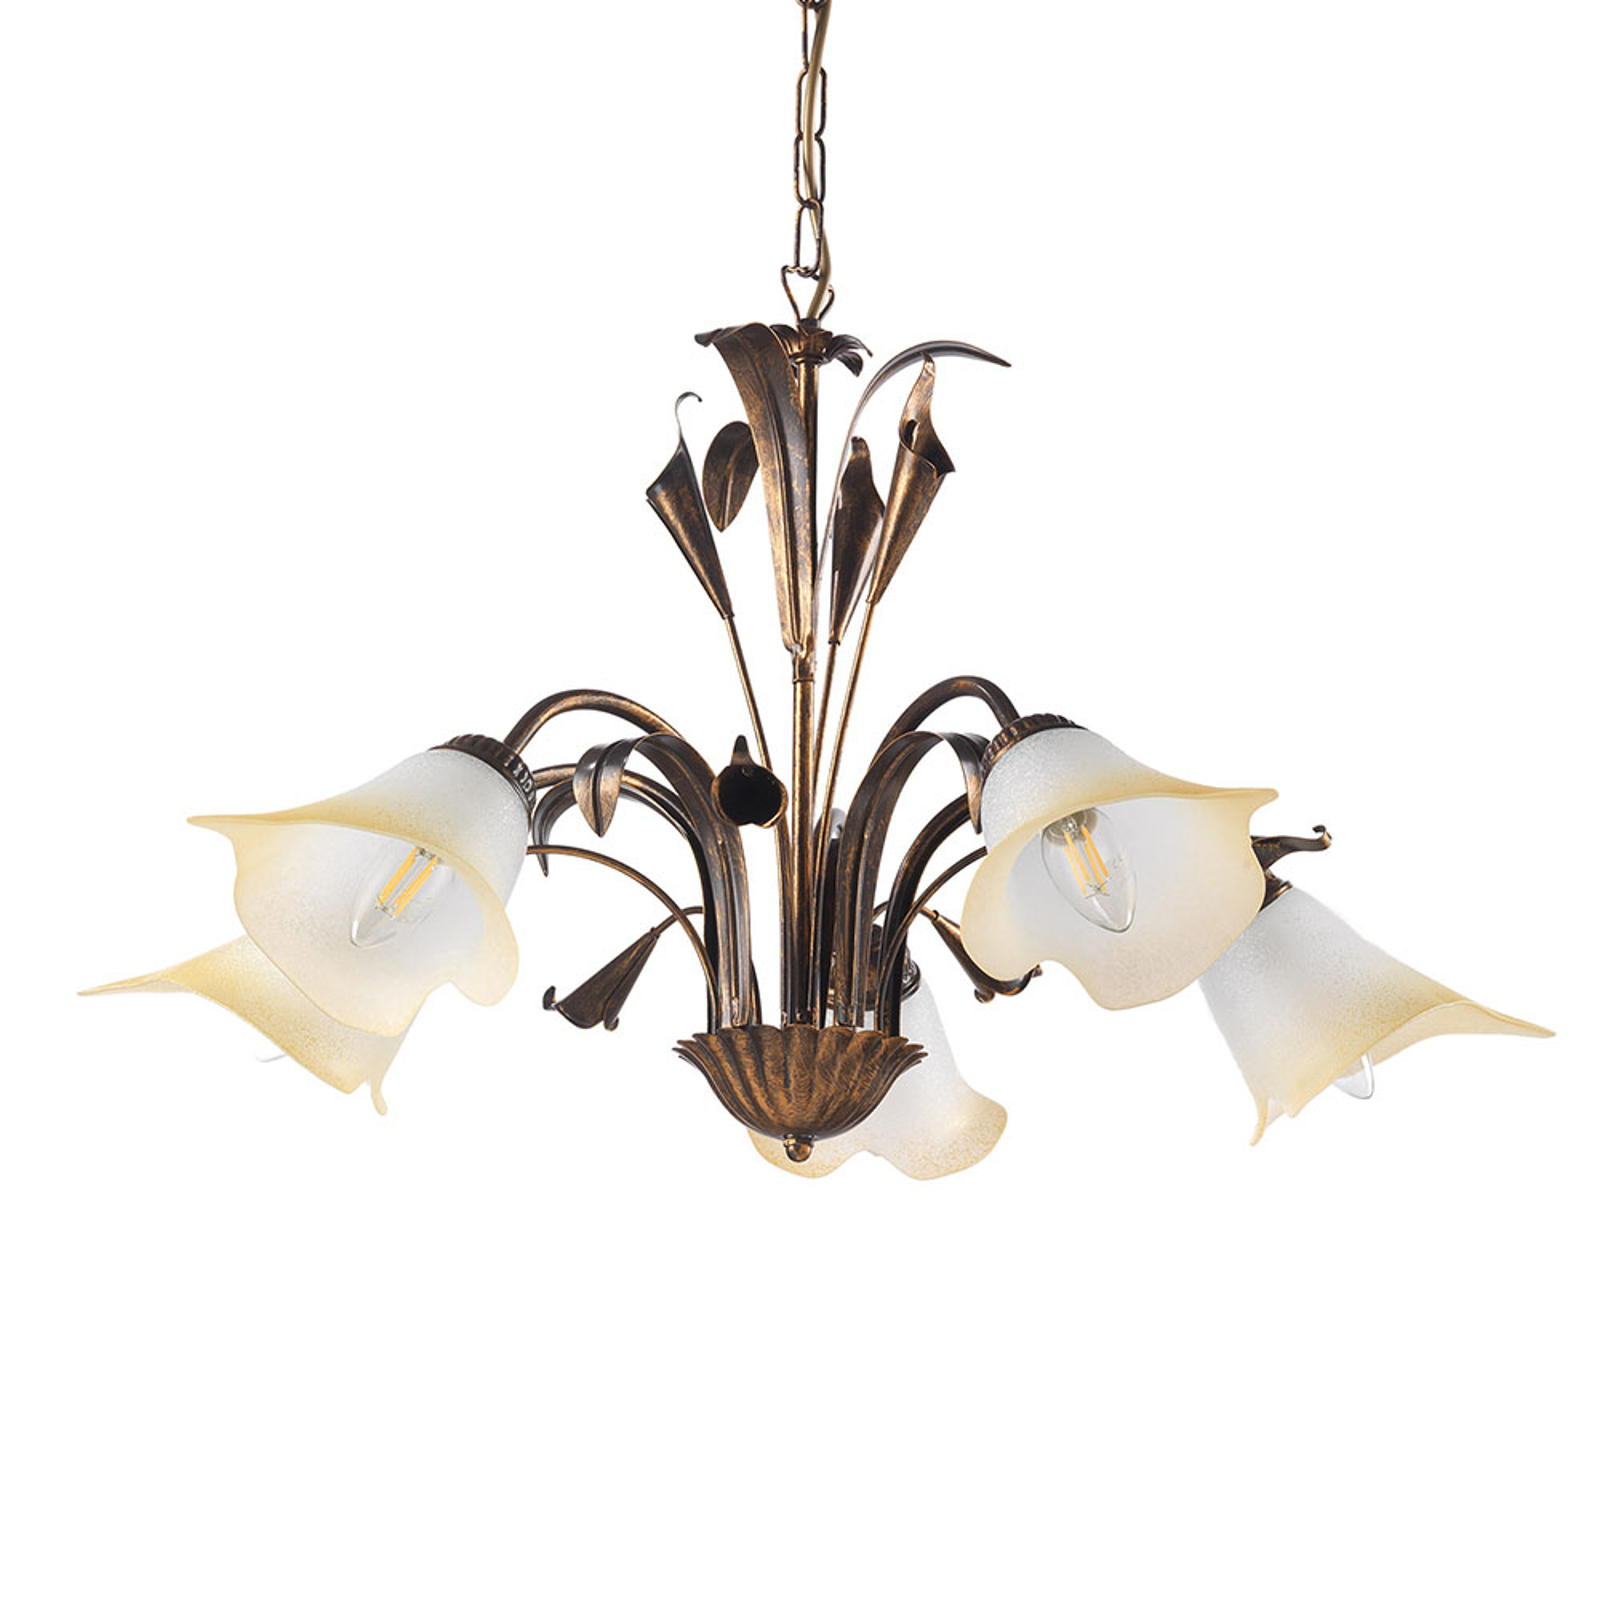 Suspension Lucrezia à 5 lampes, bronze